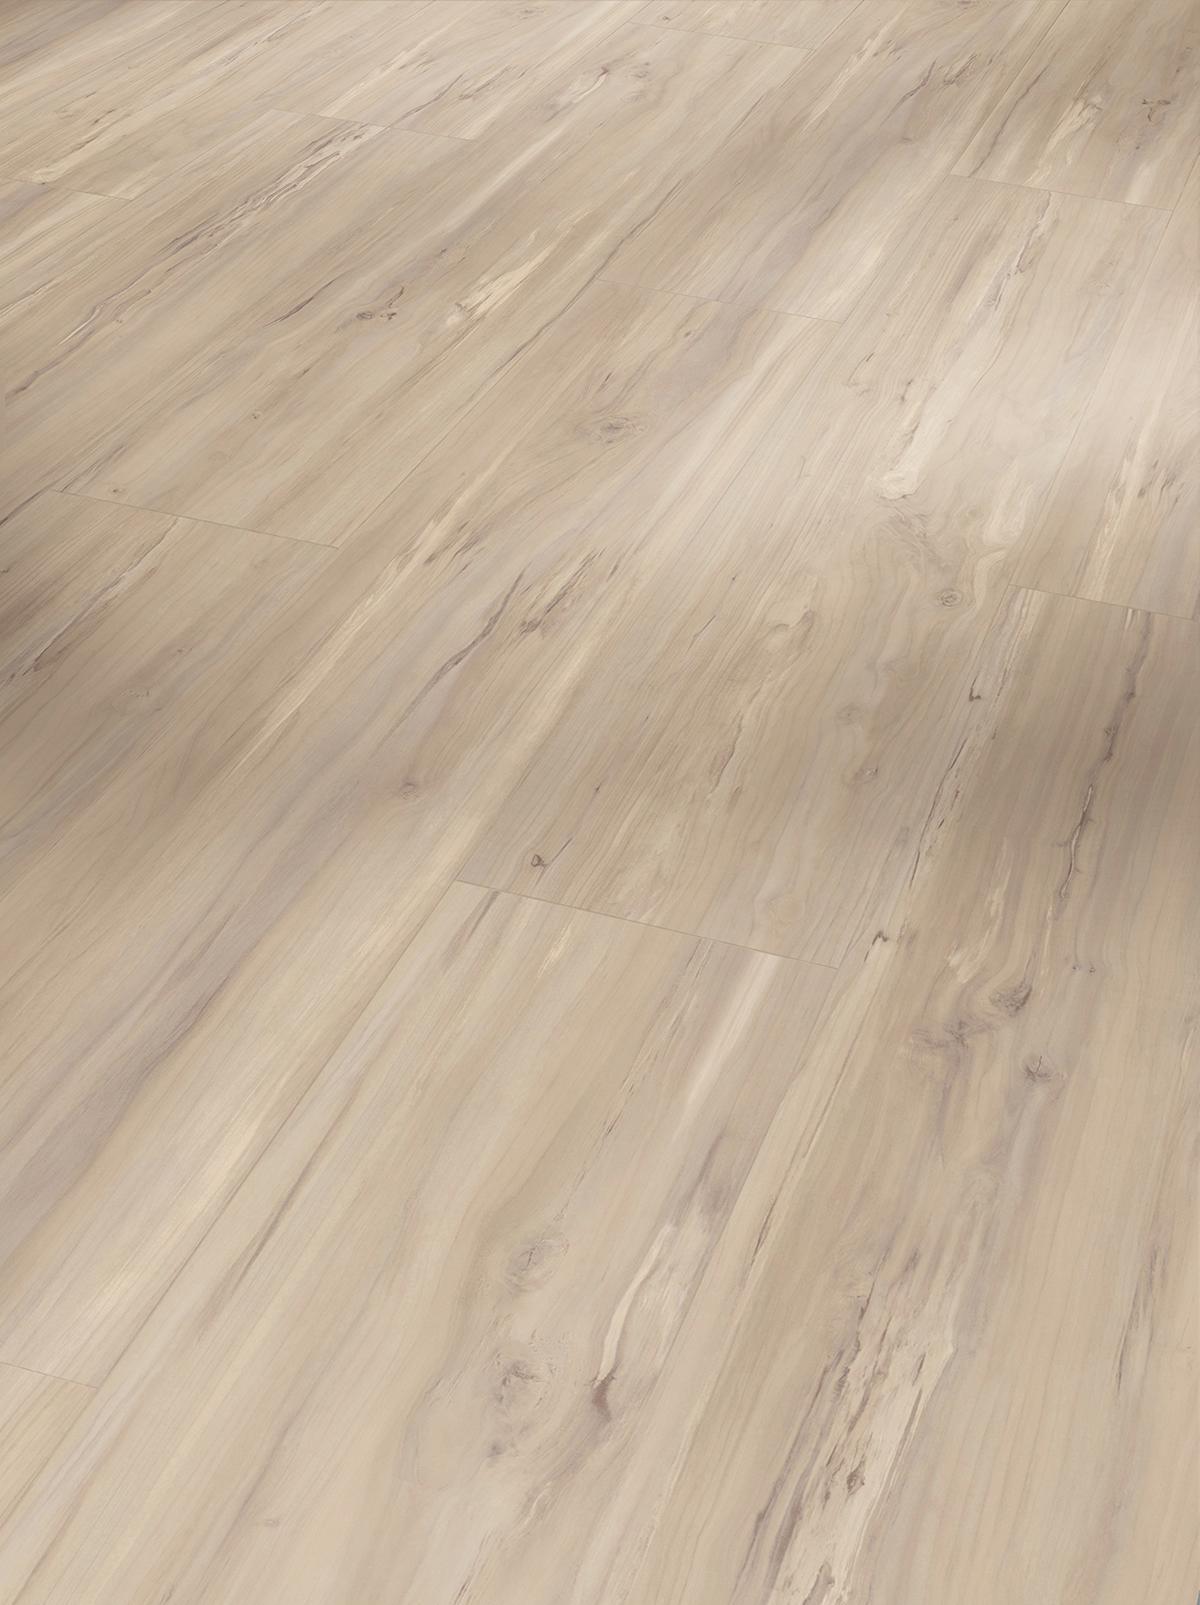 vinyl laminat klick (hdf) landhausdiele günstig & sicher kaufen